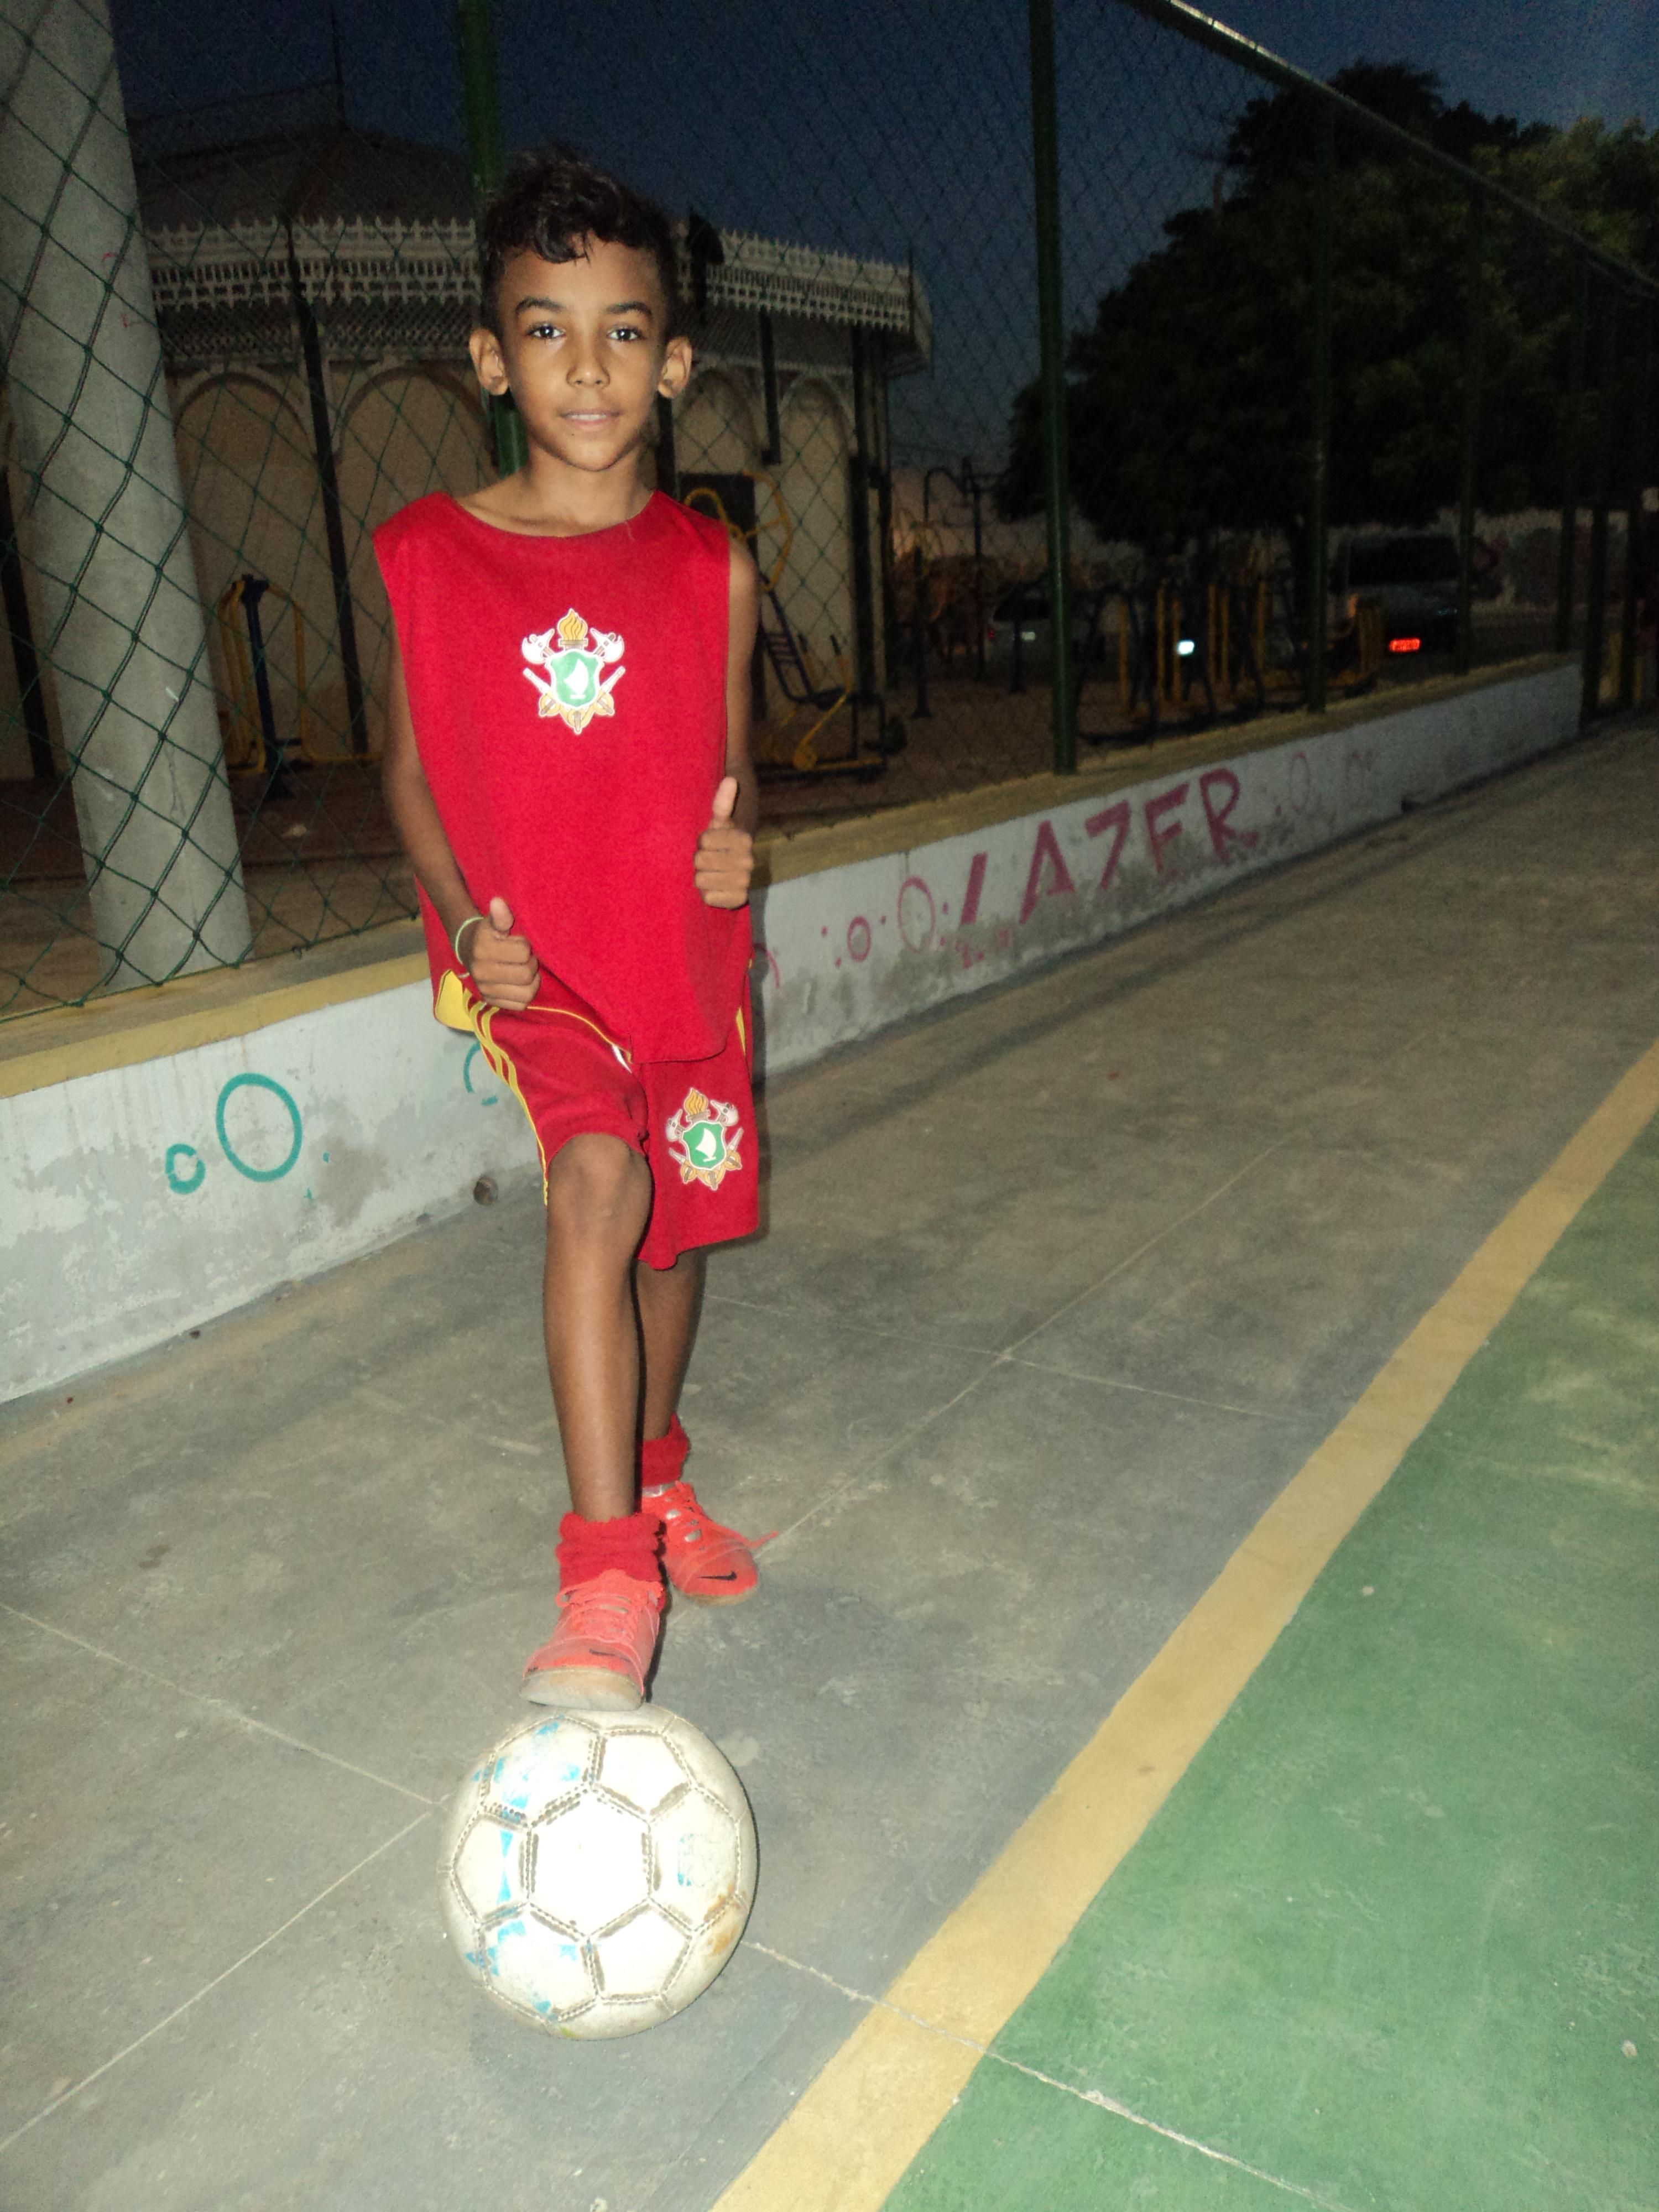 """""""Meu sonho é ser um jogador como um Cristiano Ronaldo, um Messi. Mas meu estilo é igual ao do Neymar"""".  Wesley Santos, 8 anos, aluno do projeto.Foto: Guilherme Custódio"""